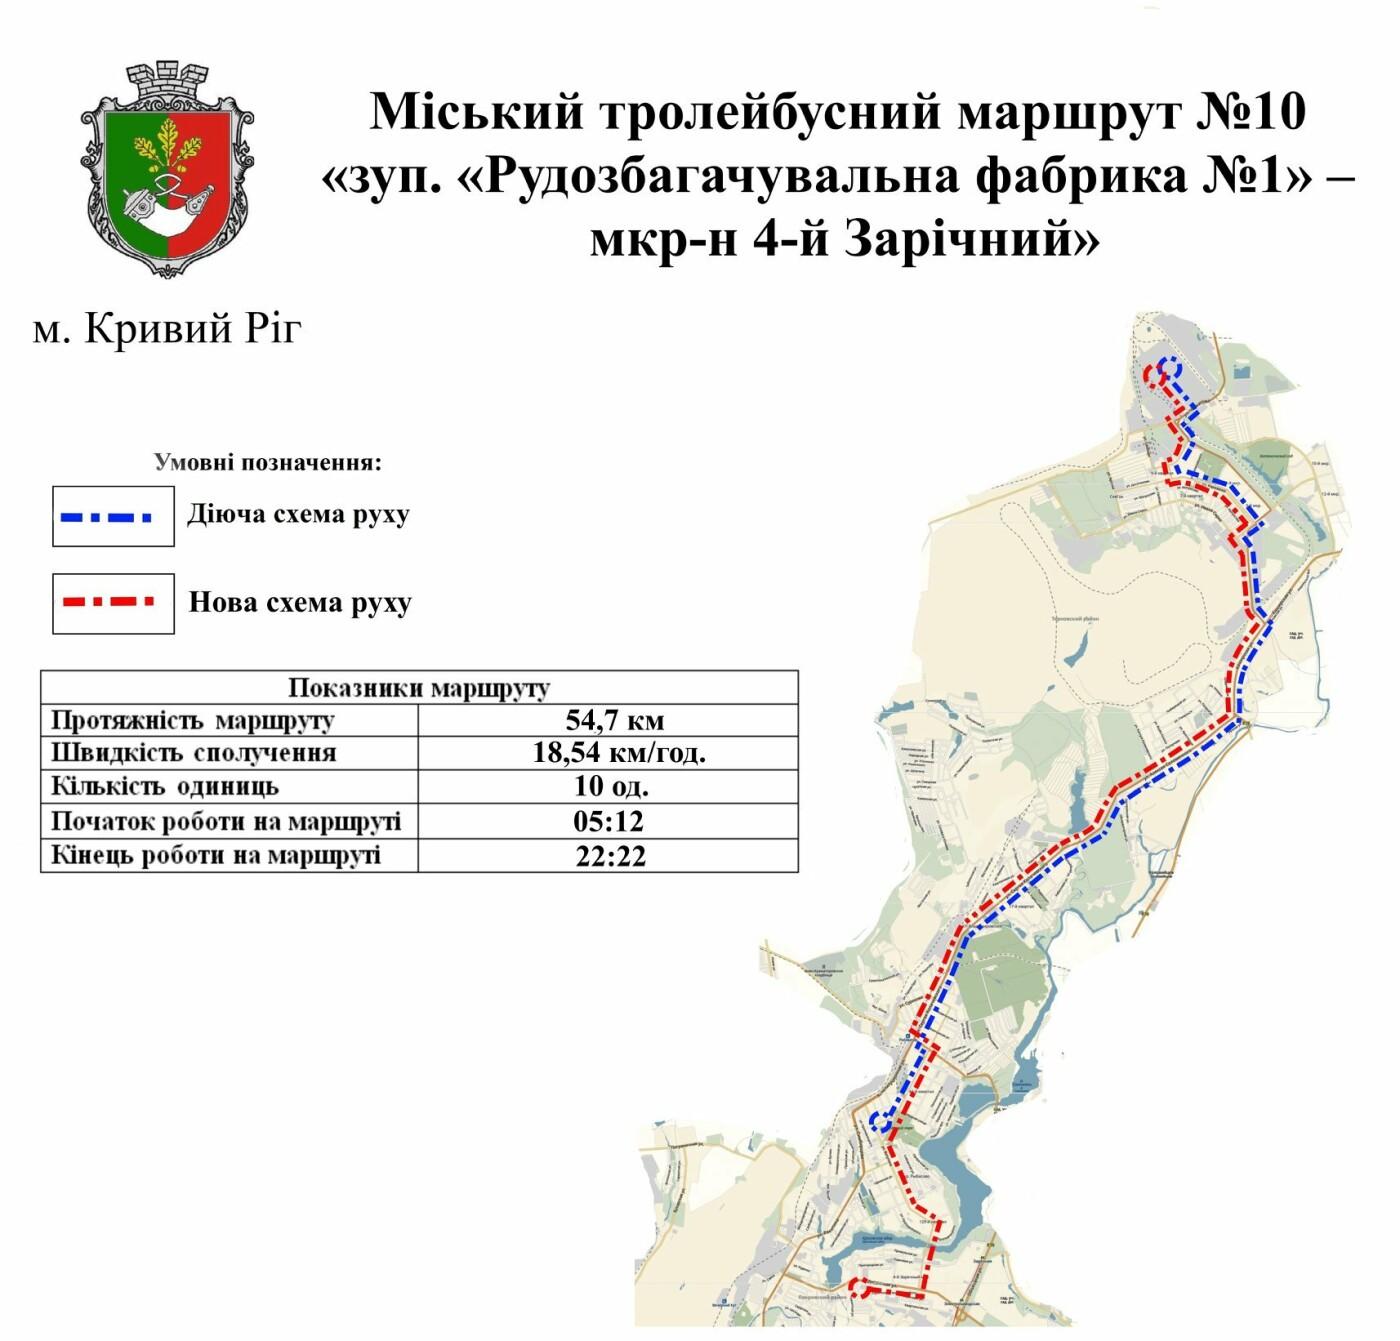 На один из маршрутов Кривого Рога вышли 6 новых троллейбусов, - ФОТО, фото-1